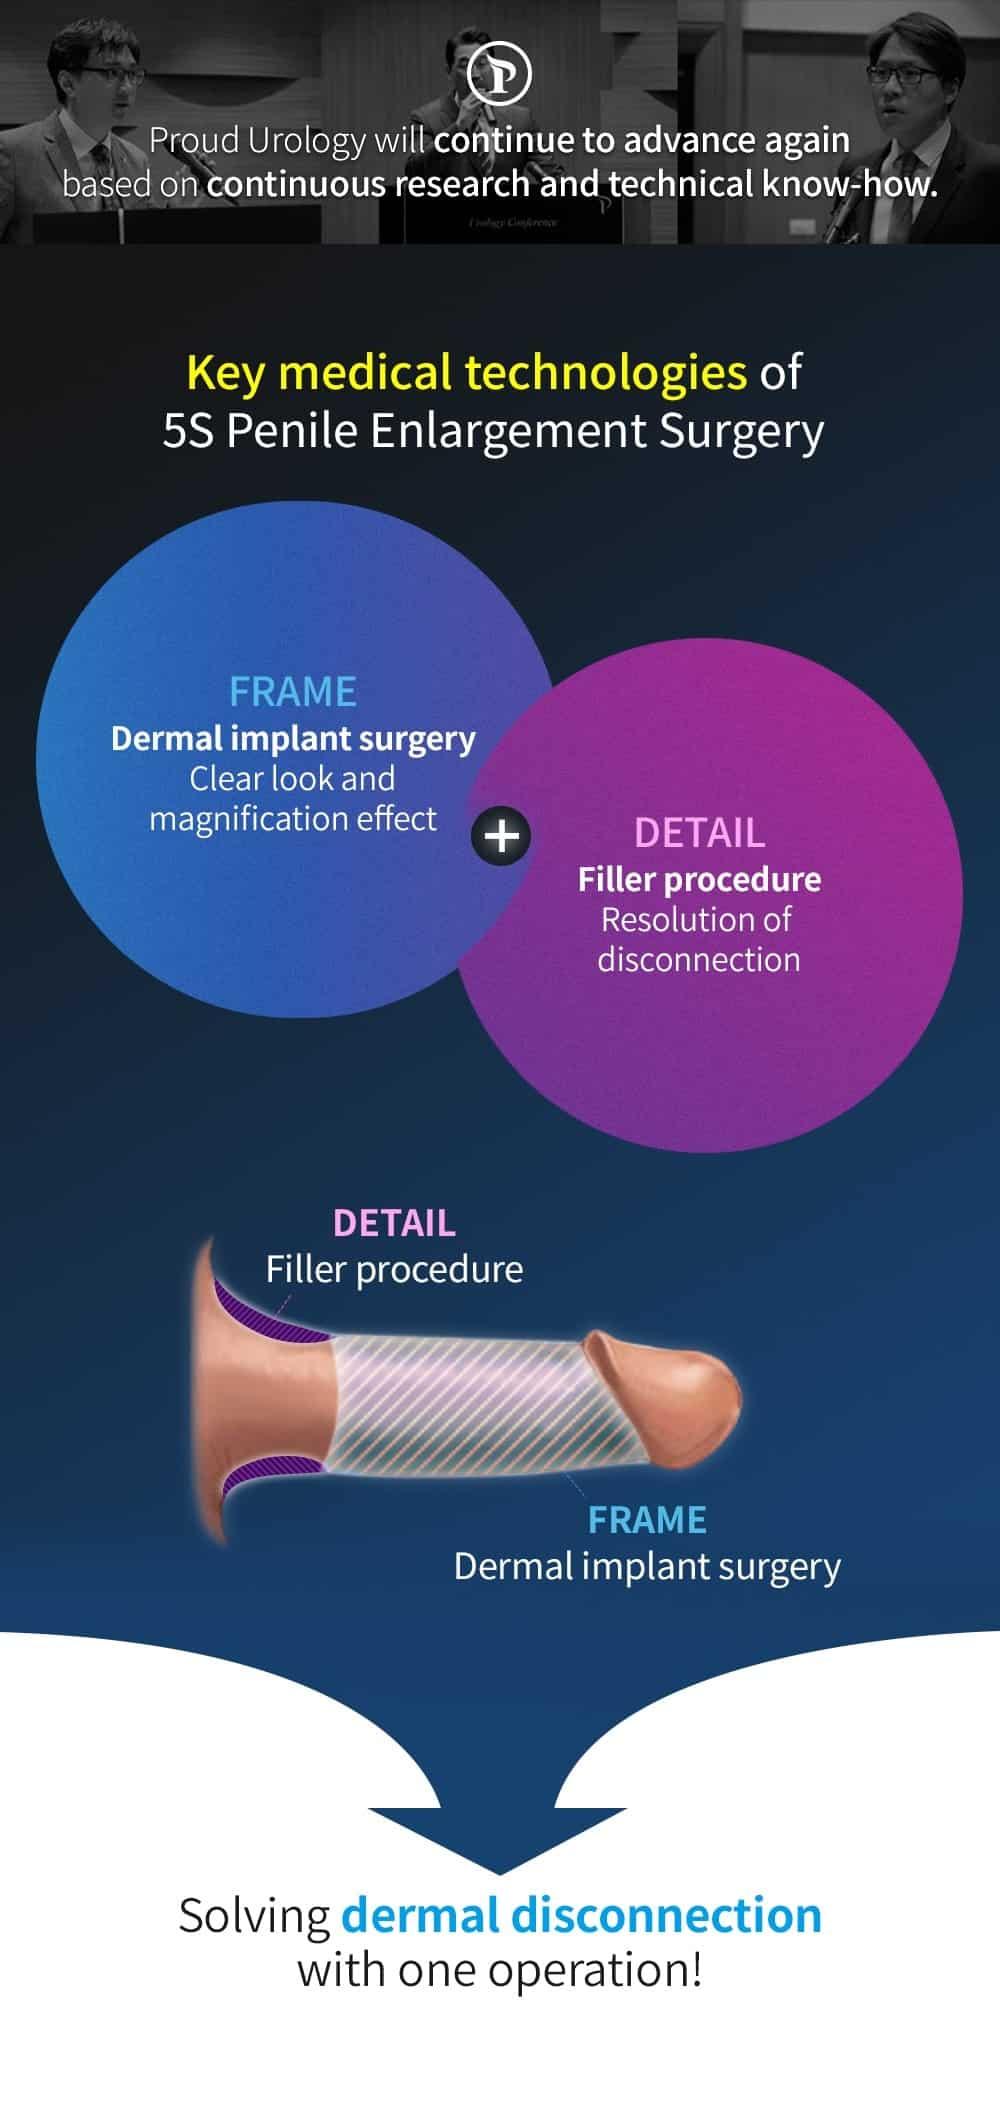 5s penis enlargement surgery innovative technology description